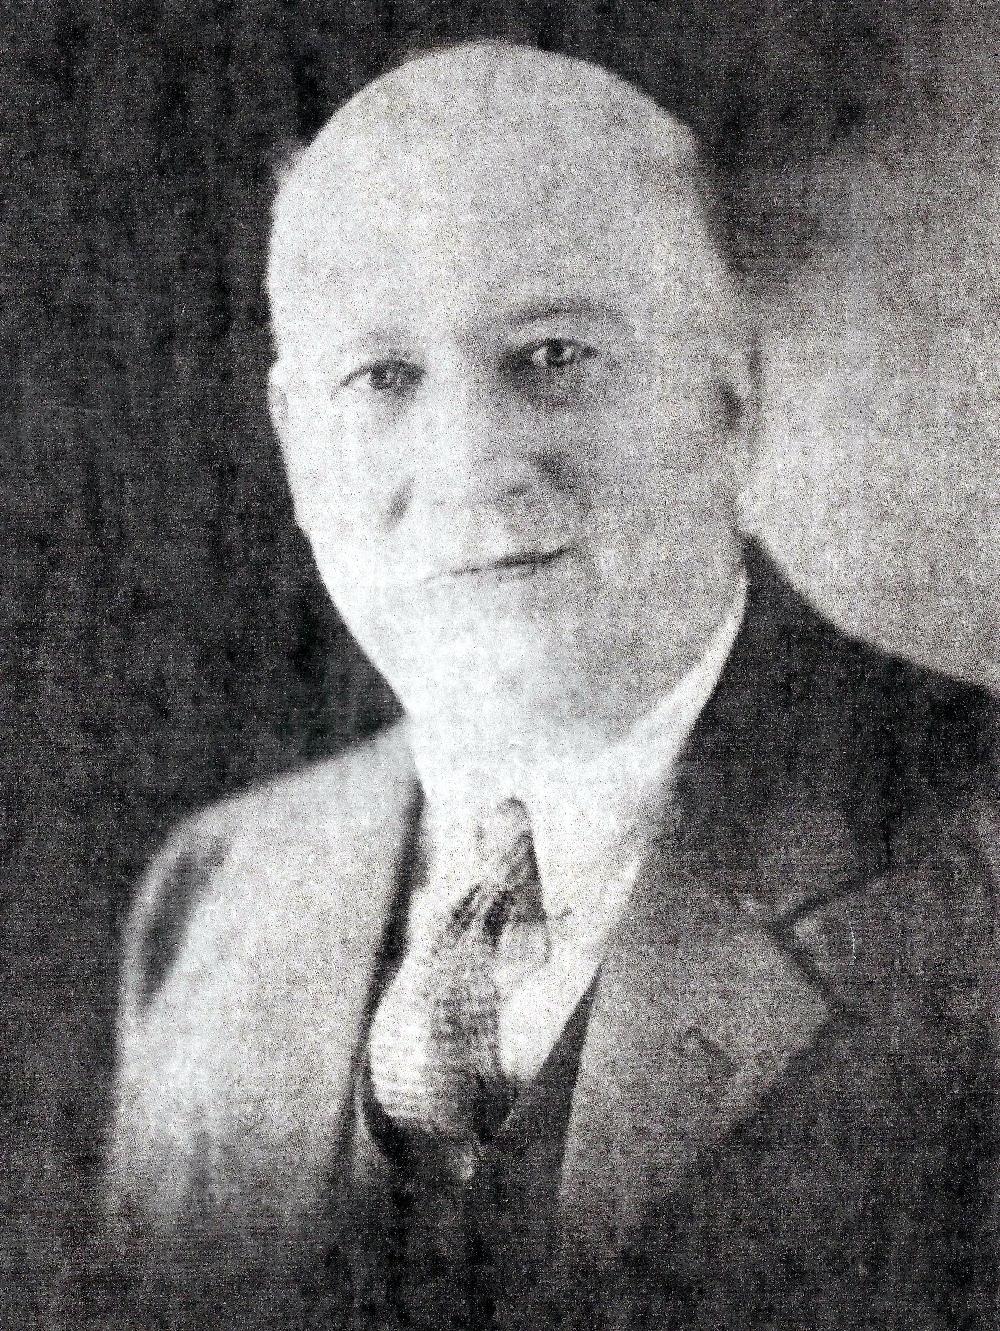 Une photo noir et blanc de Forman Hawboldt montrant un homme dégarni aux yeux espacés, à l'air sympathique en costume cravate.